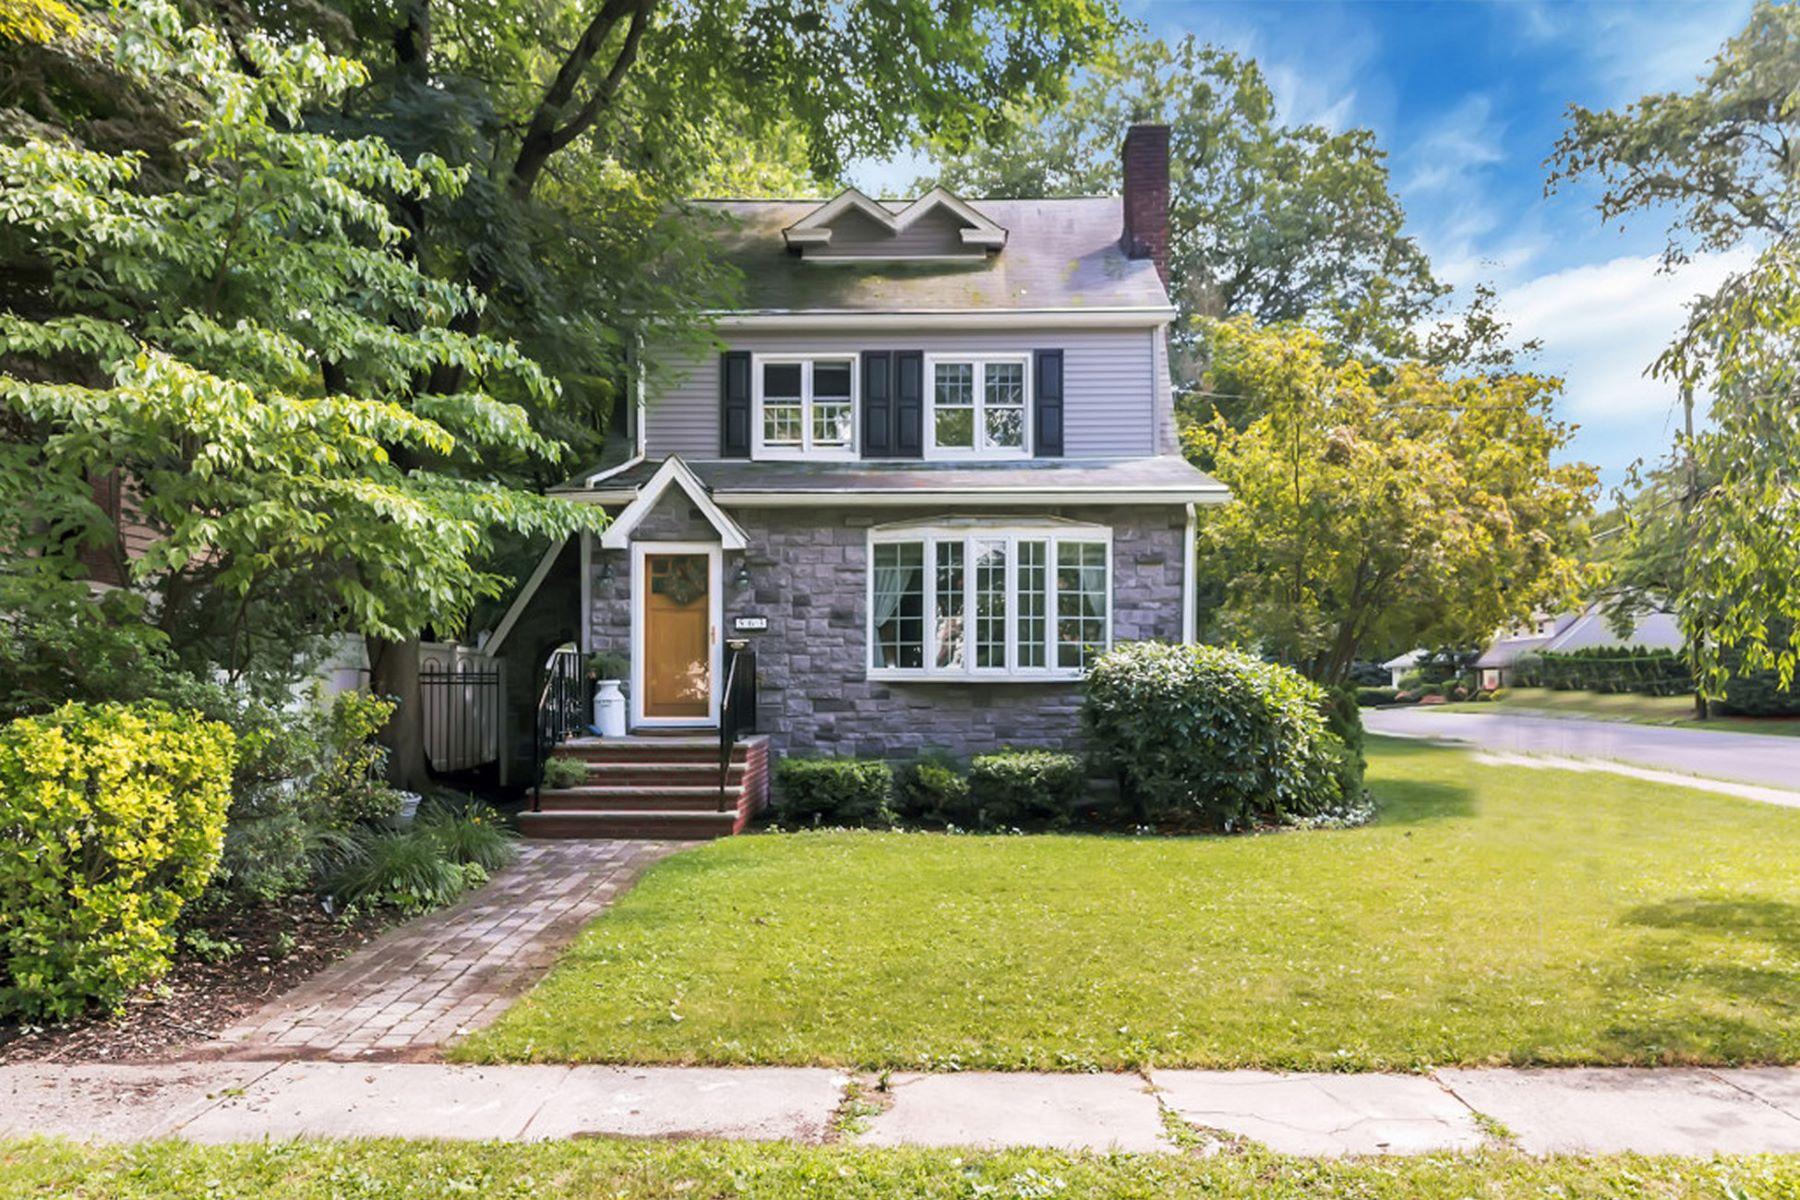 Casa Unifamiliar por un Venta en Bright And Spacious Side Hall Colonial. 563 Cross Street Township Of Washington, Nueva Jersey 07676 Estados Unidos